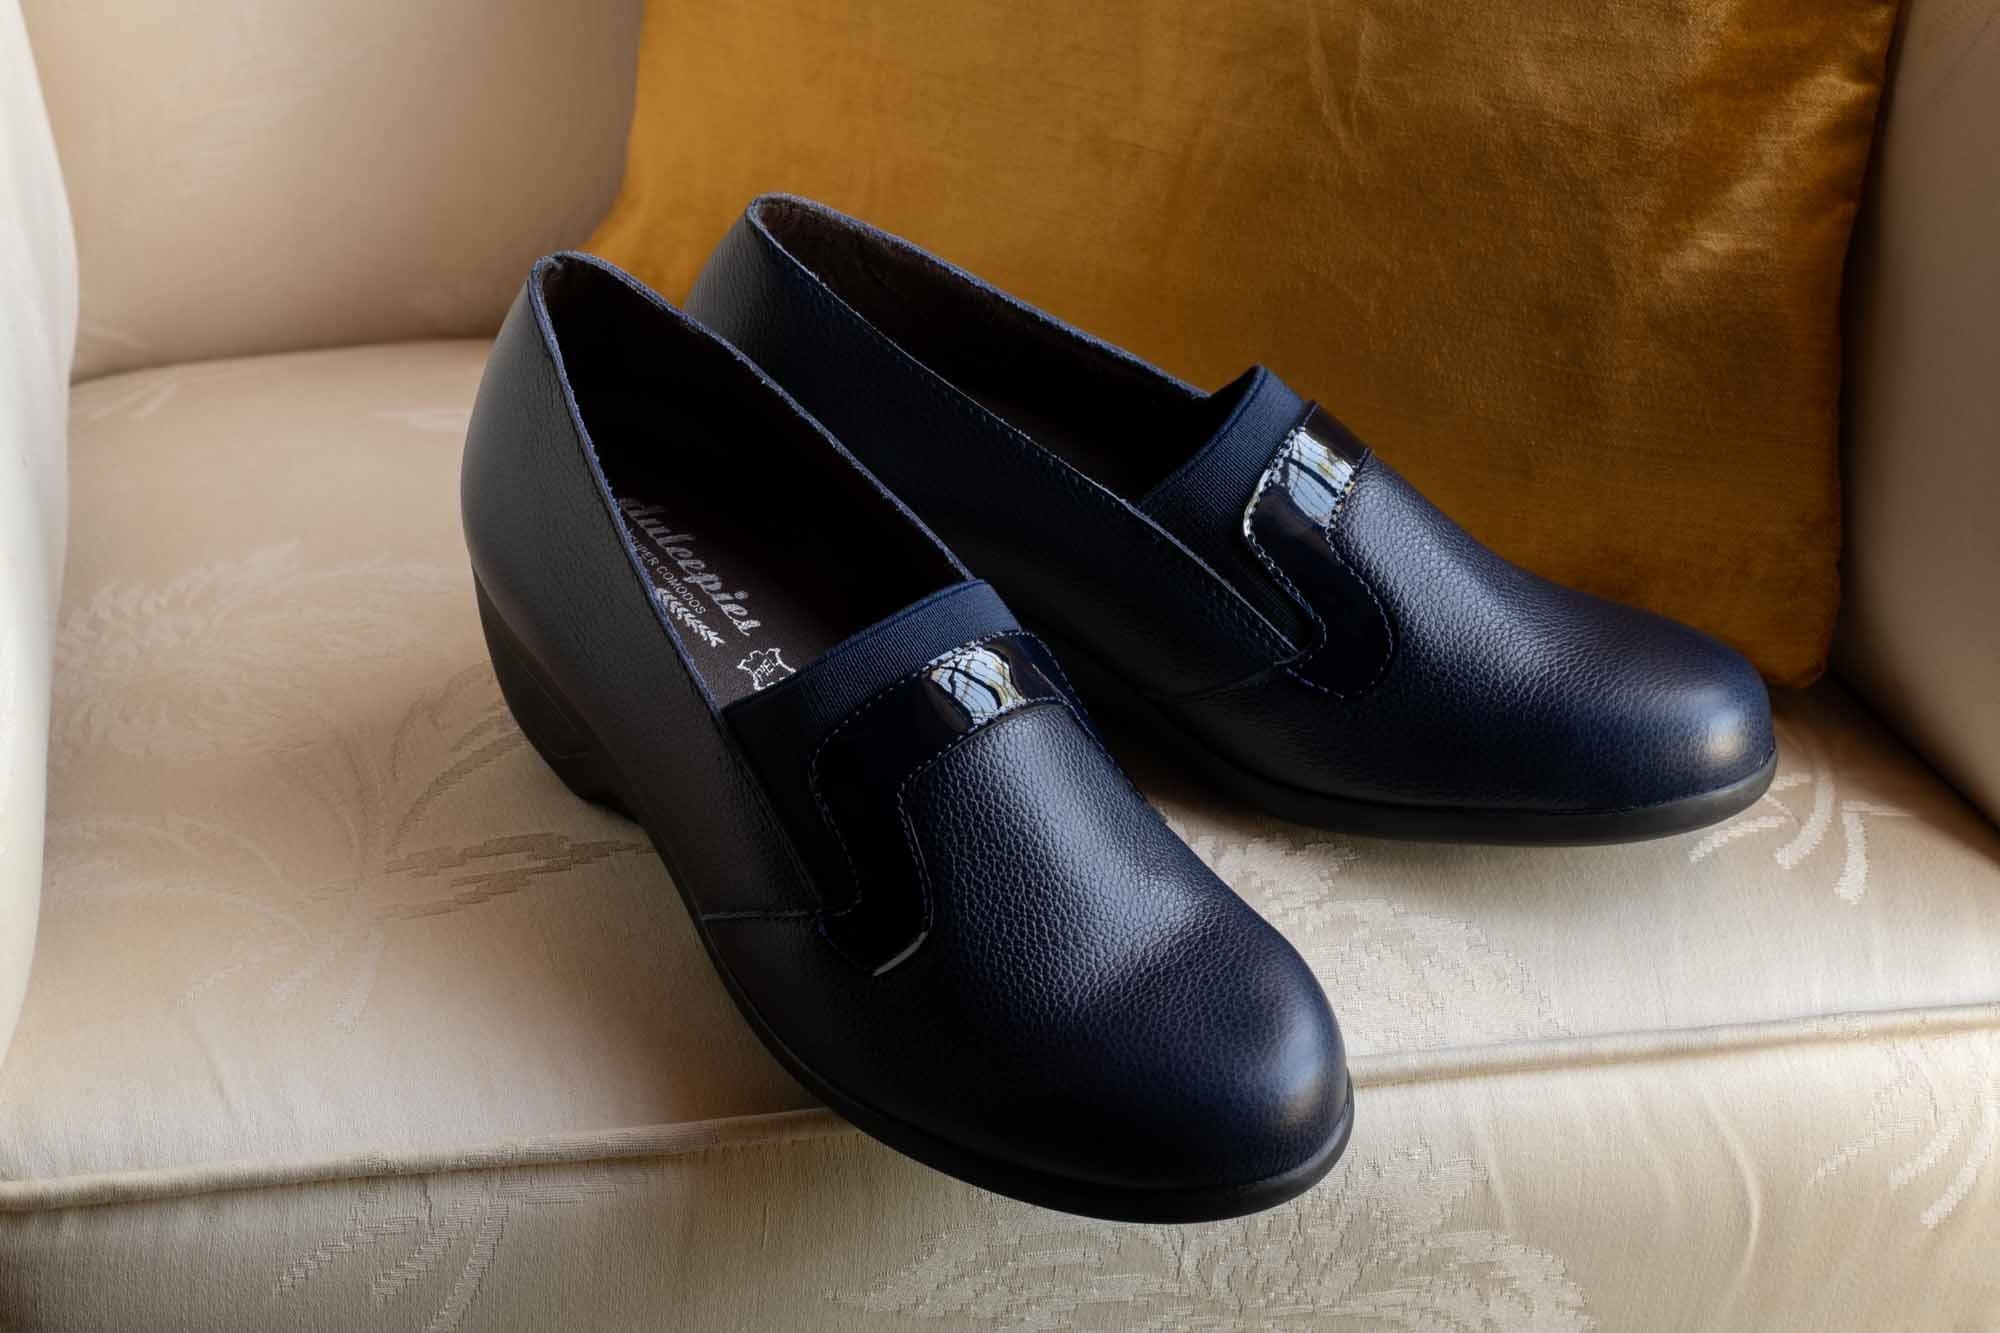 Zapatos azul oscuro en silla antigua de color crema